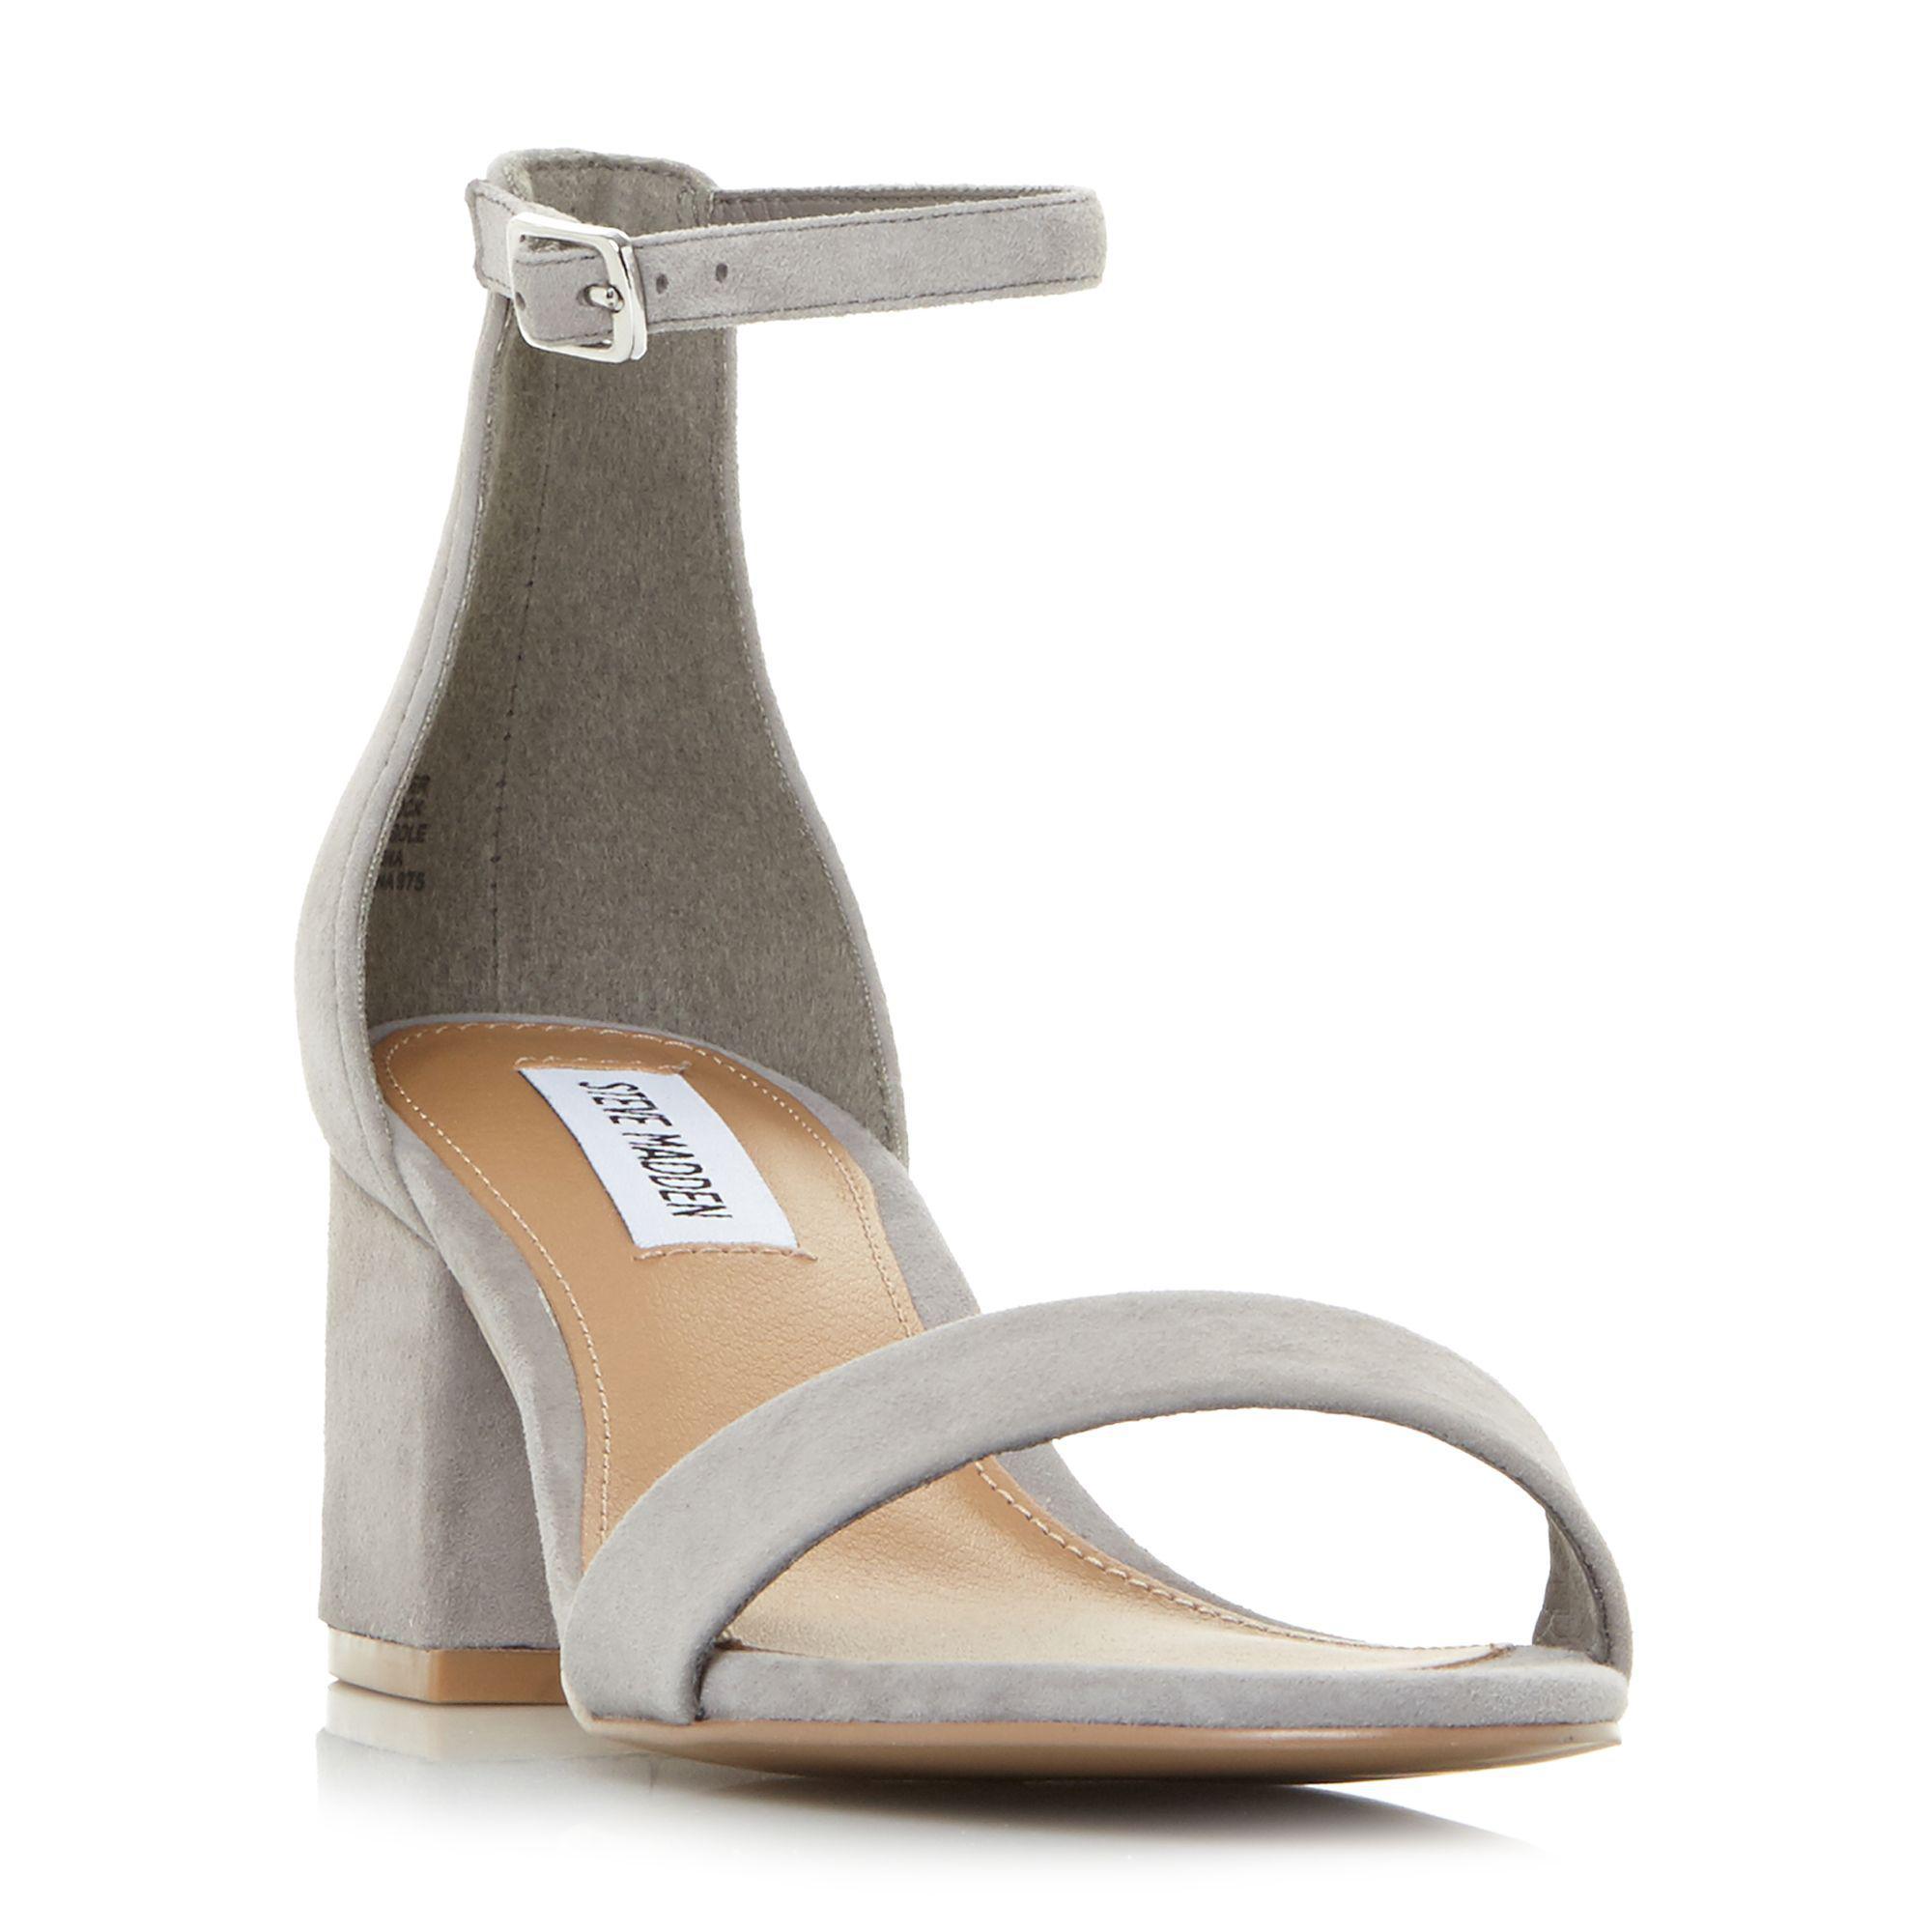 312b94d406f Steve Madden. Women s Gray Grey Suede  new Irenee  Mid Block Heel ...